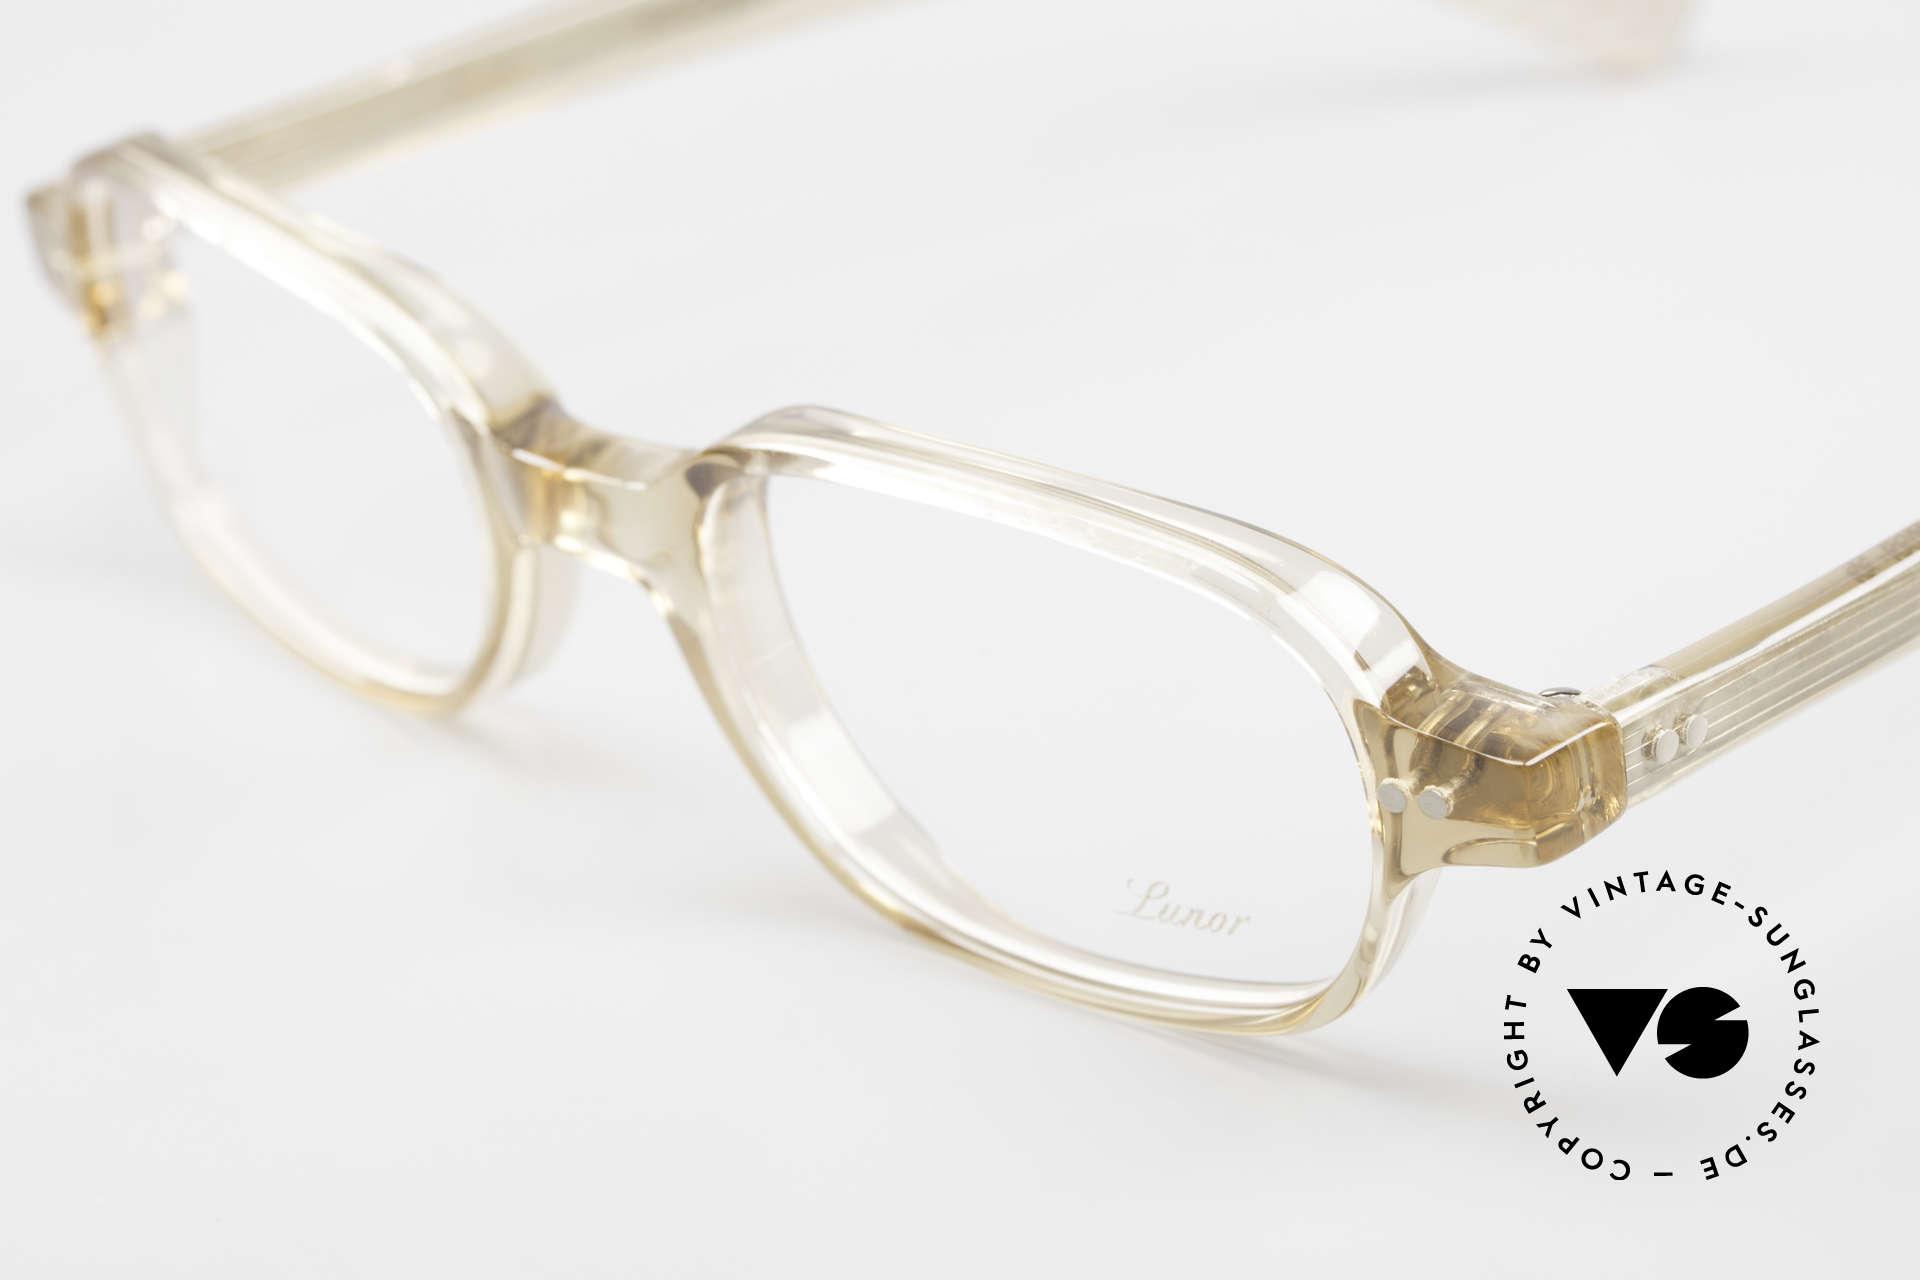 Lunor A56 Klassische Lunor Acetat Brille, handpoliert & 100% made in Germany; ein Klassiker!, Passend für Herren und Damen